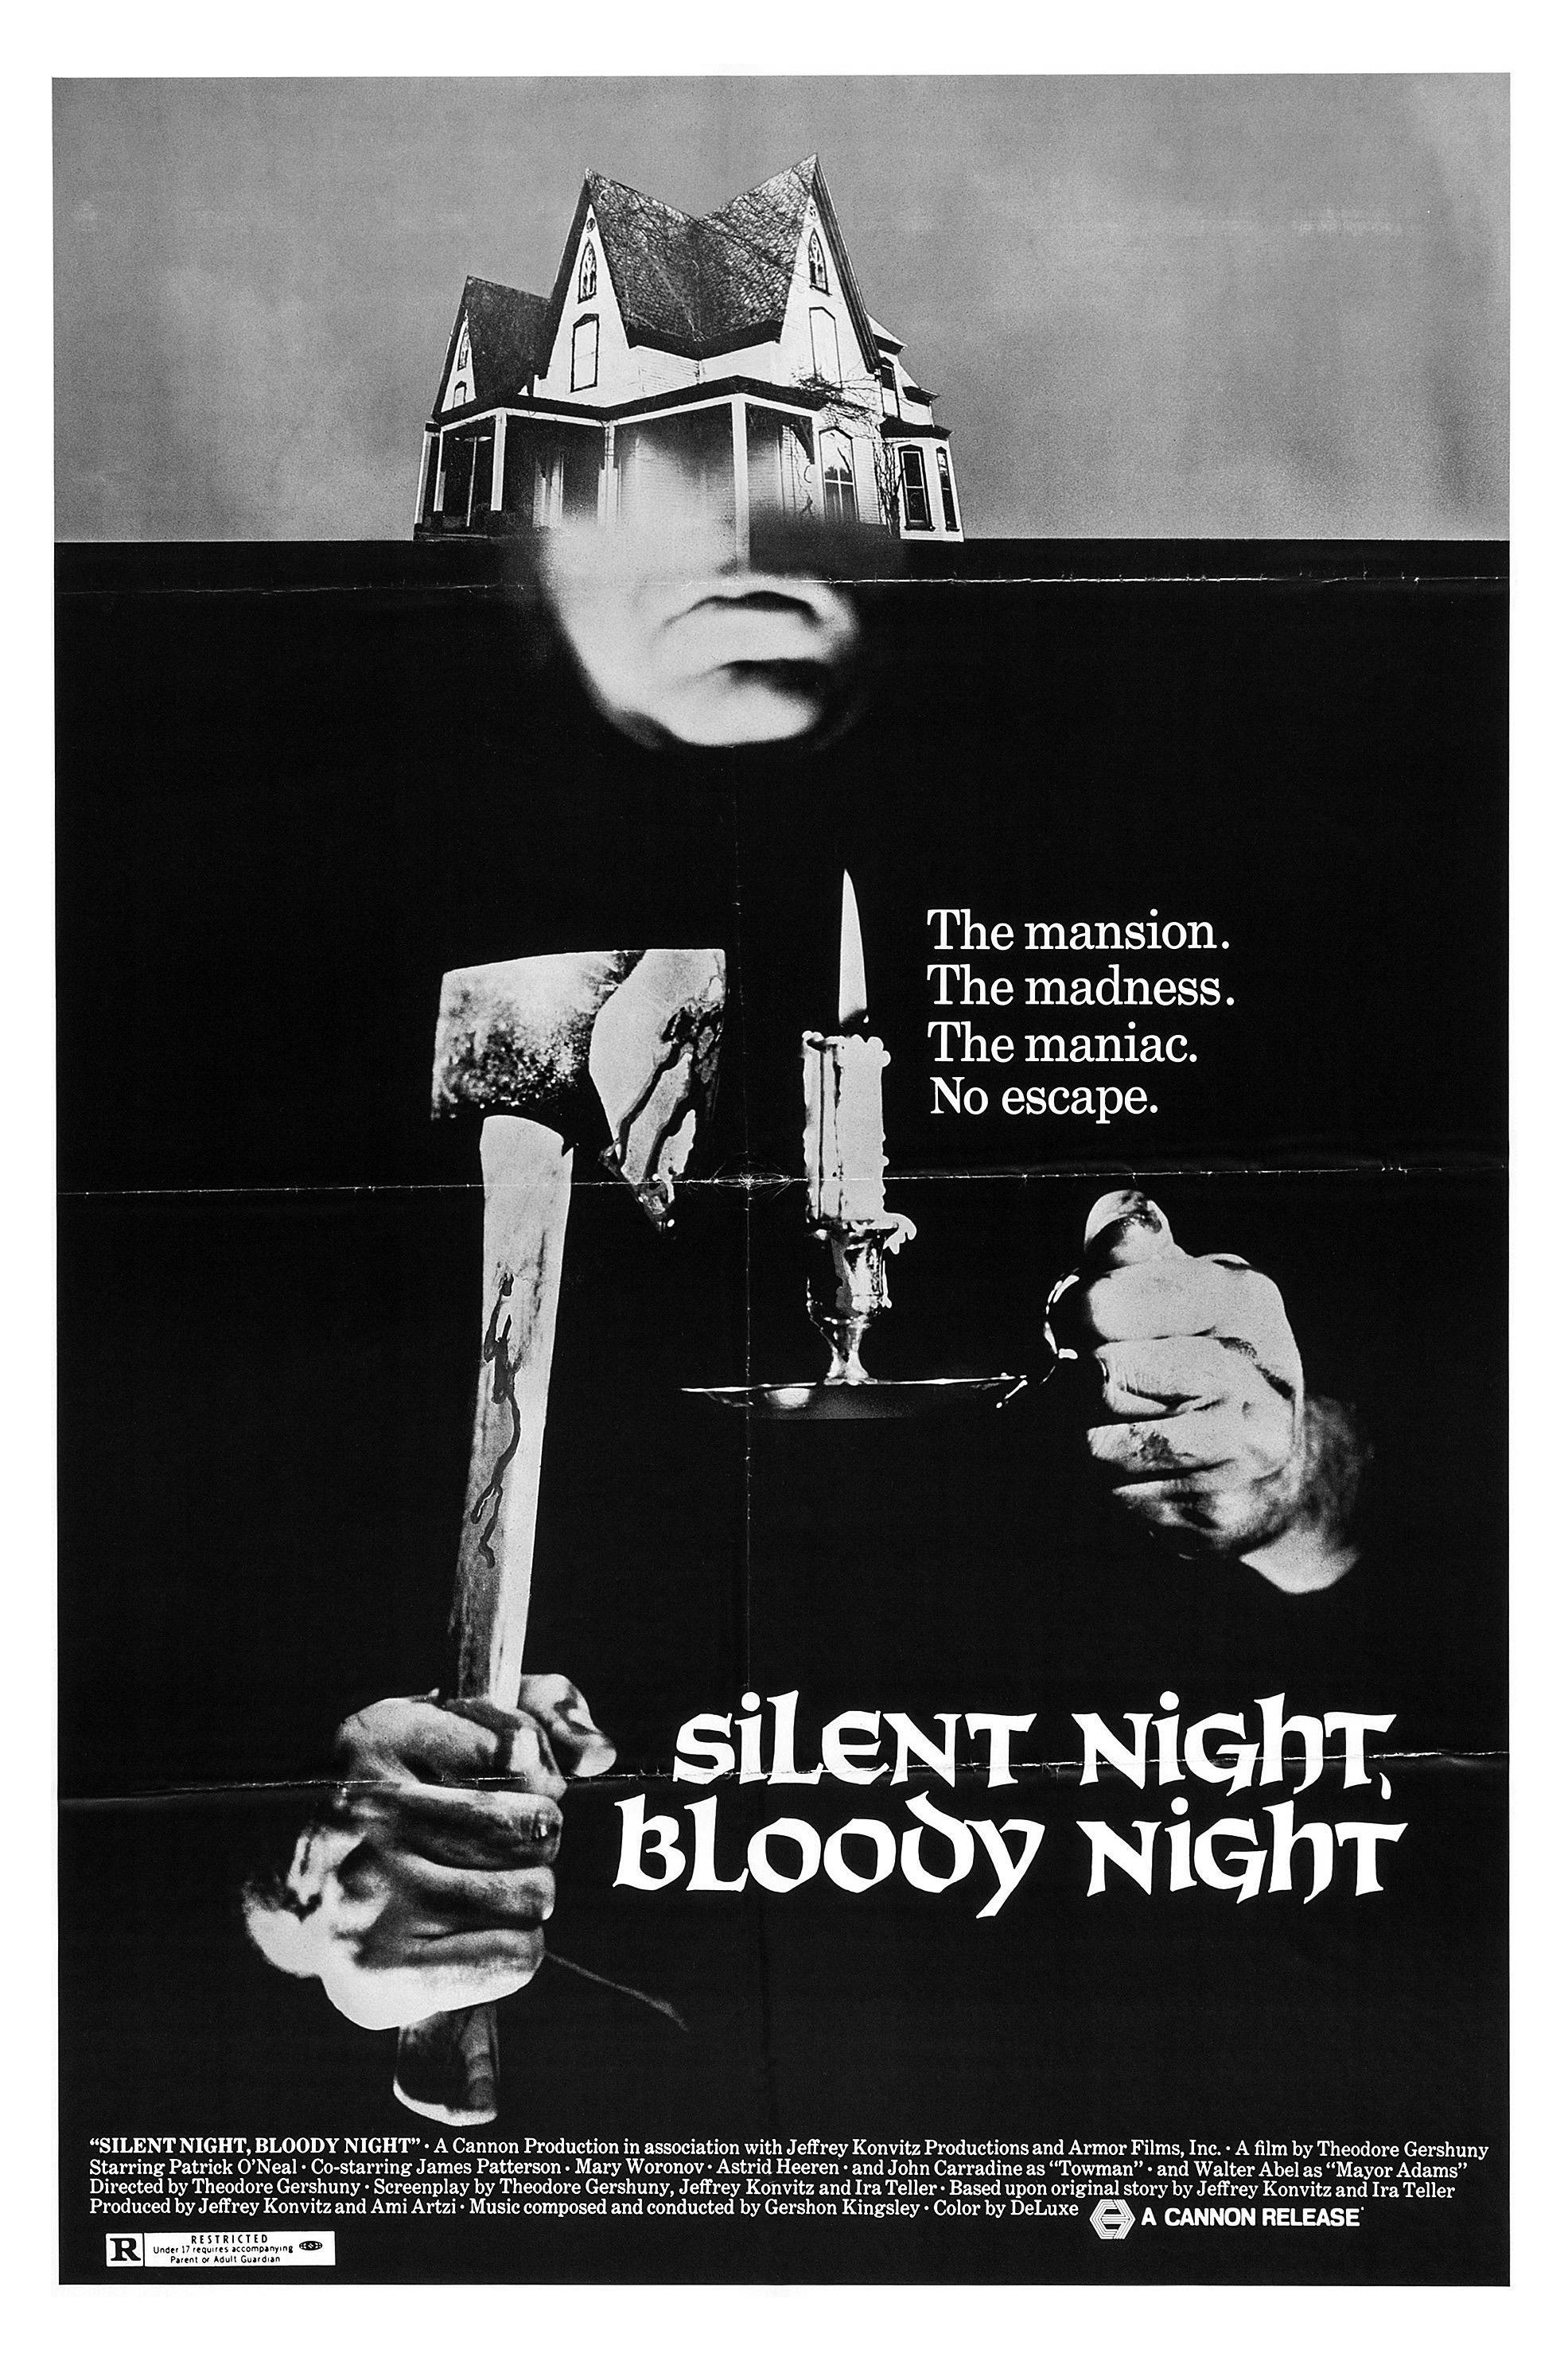 Silent night, bloody night (T. Gershuny, 1972)